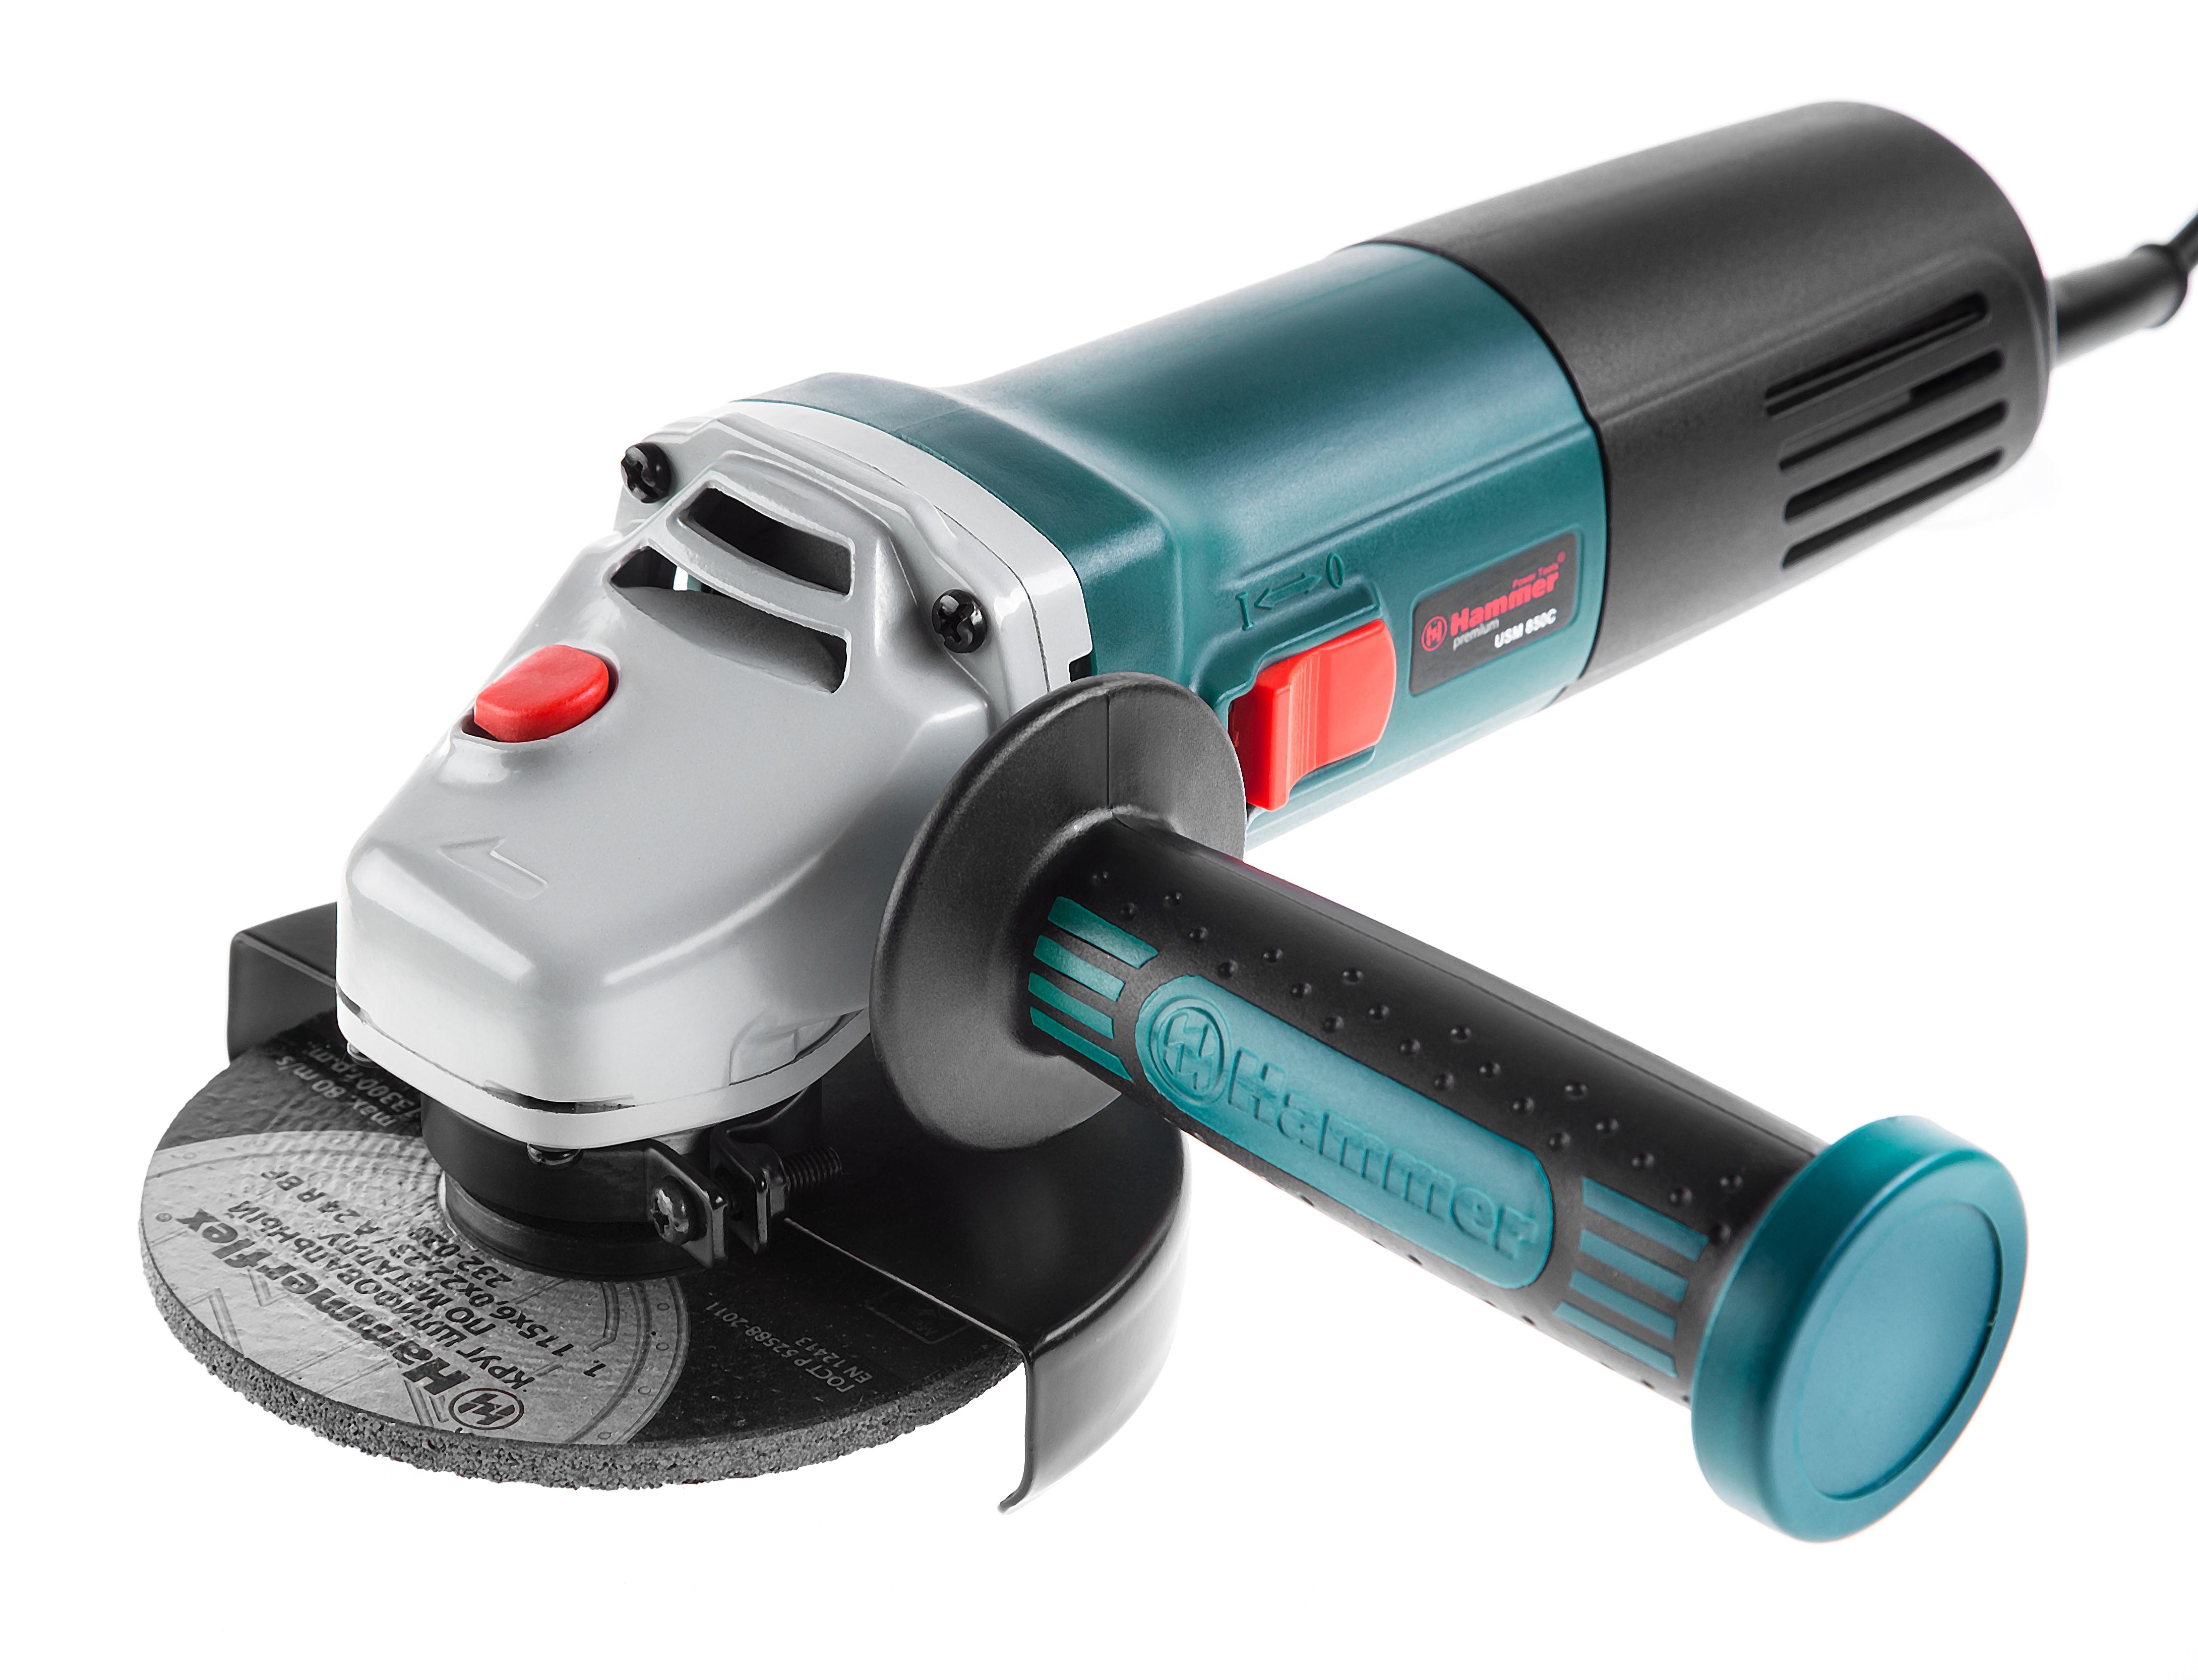 УШМ (болгарка) Hammer Usm850c premium